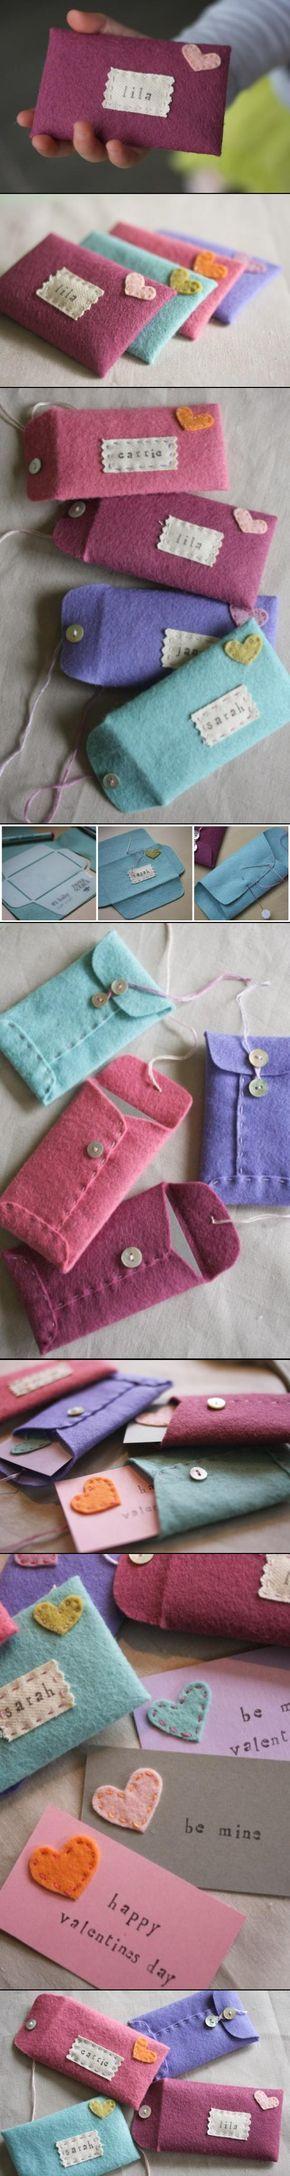 Embroidered Felt Envelopes